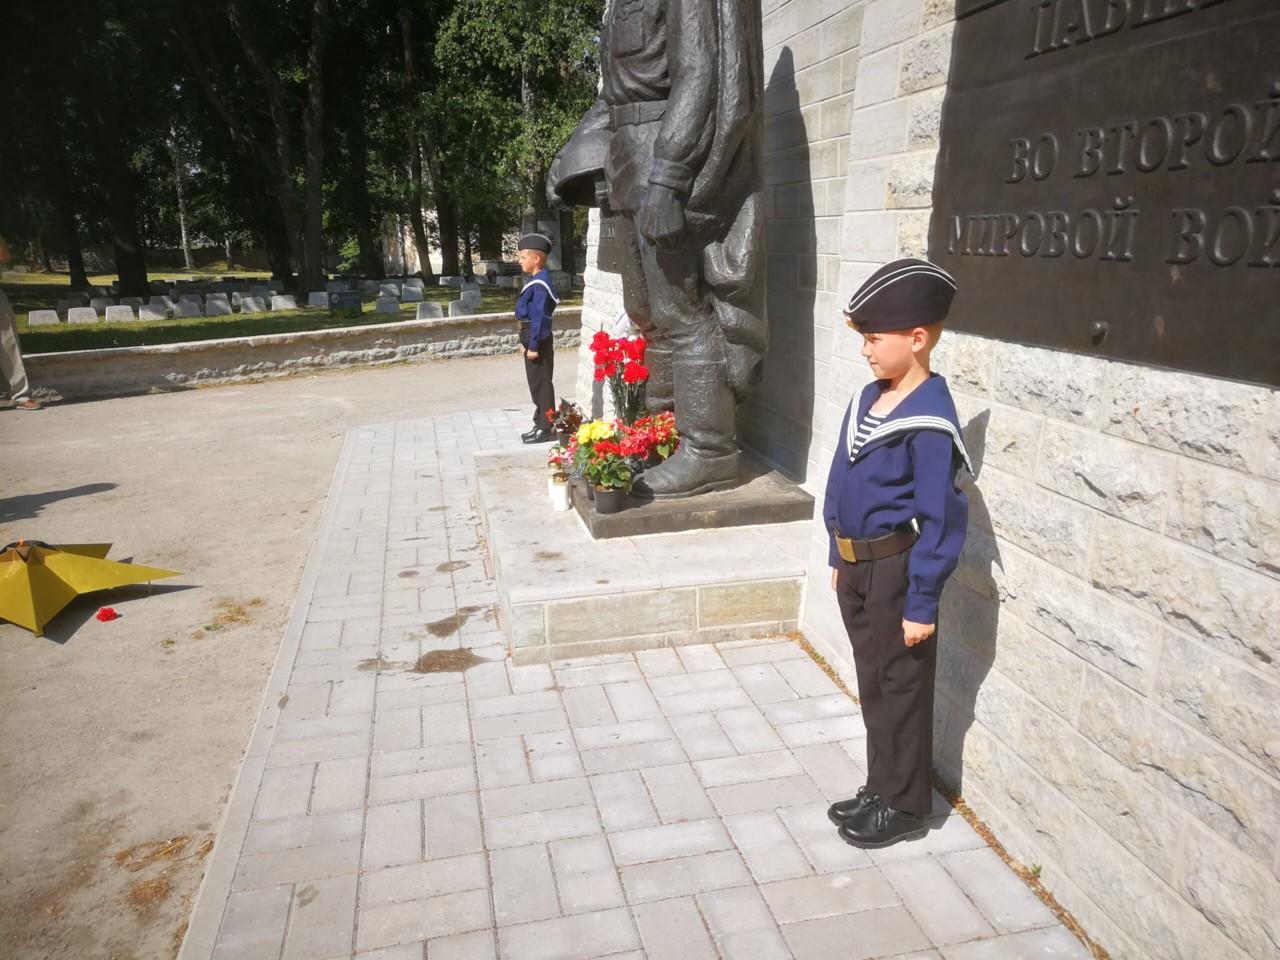 В День памяти и скорби на военном кладбище в Таллине прошли торжественно-траурные мероприятия